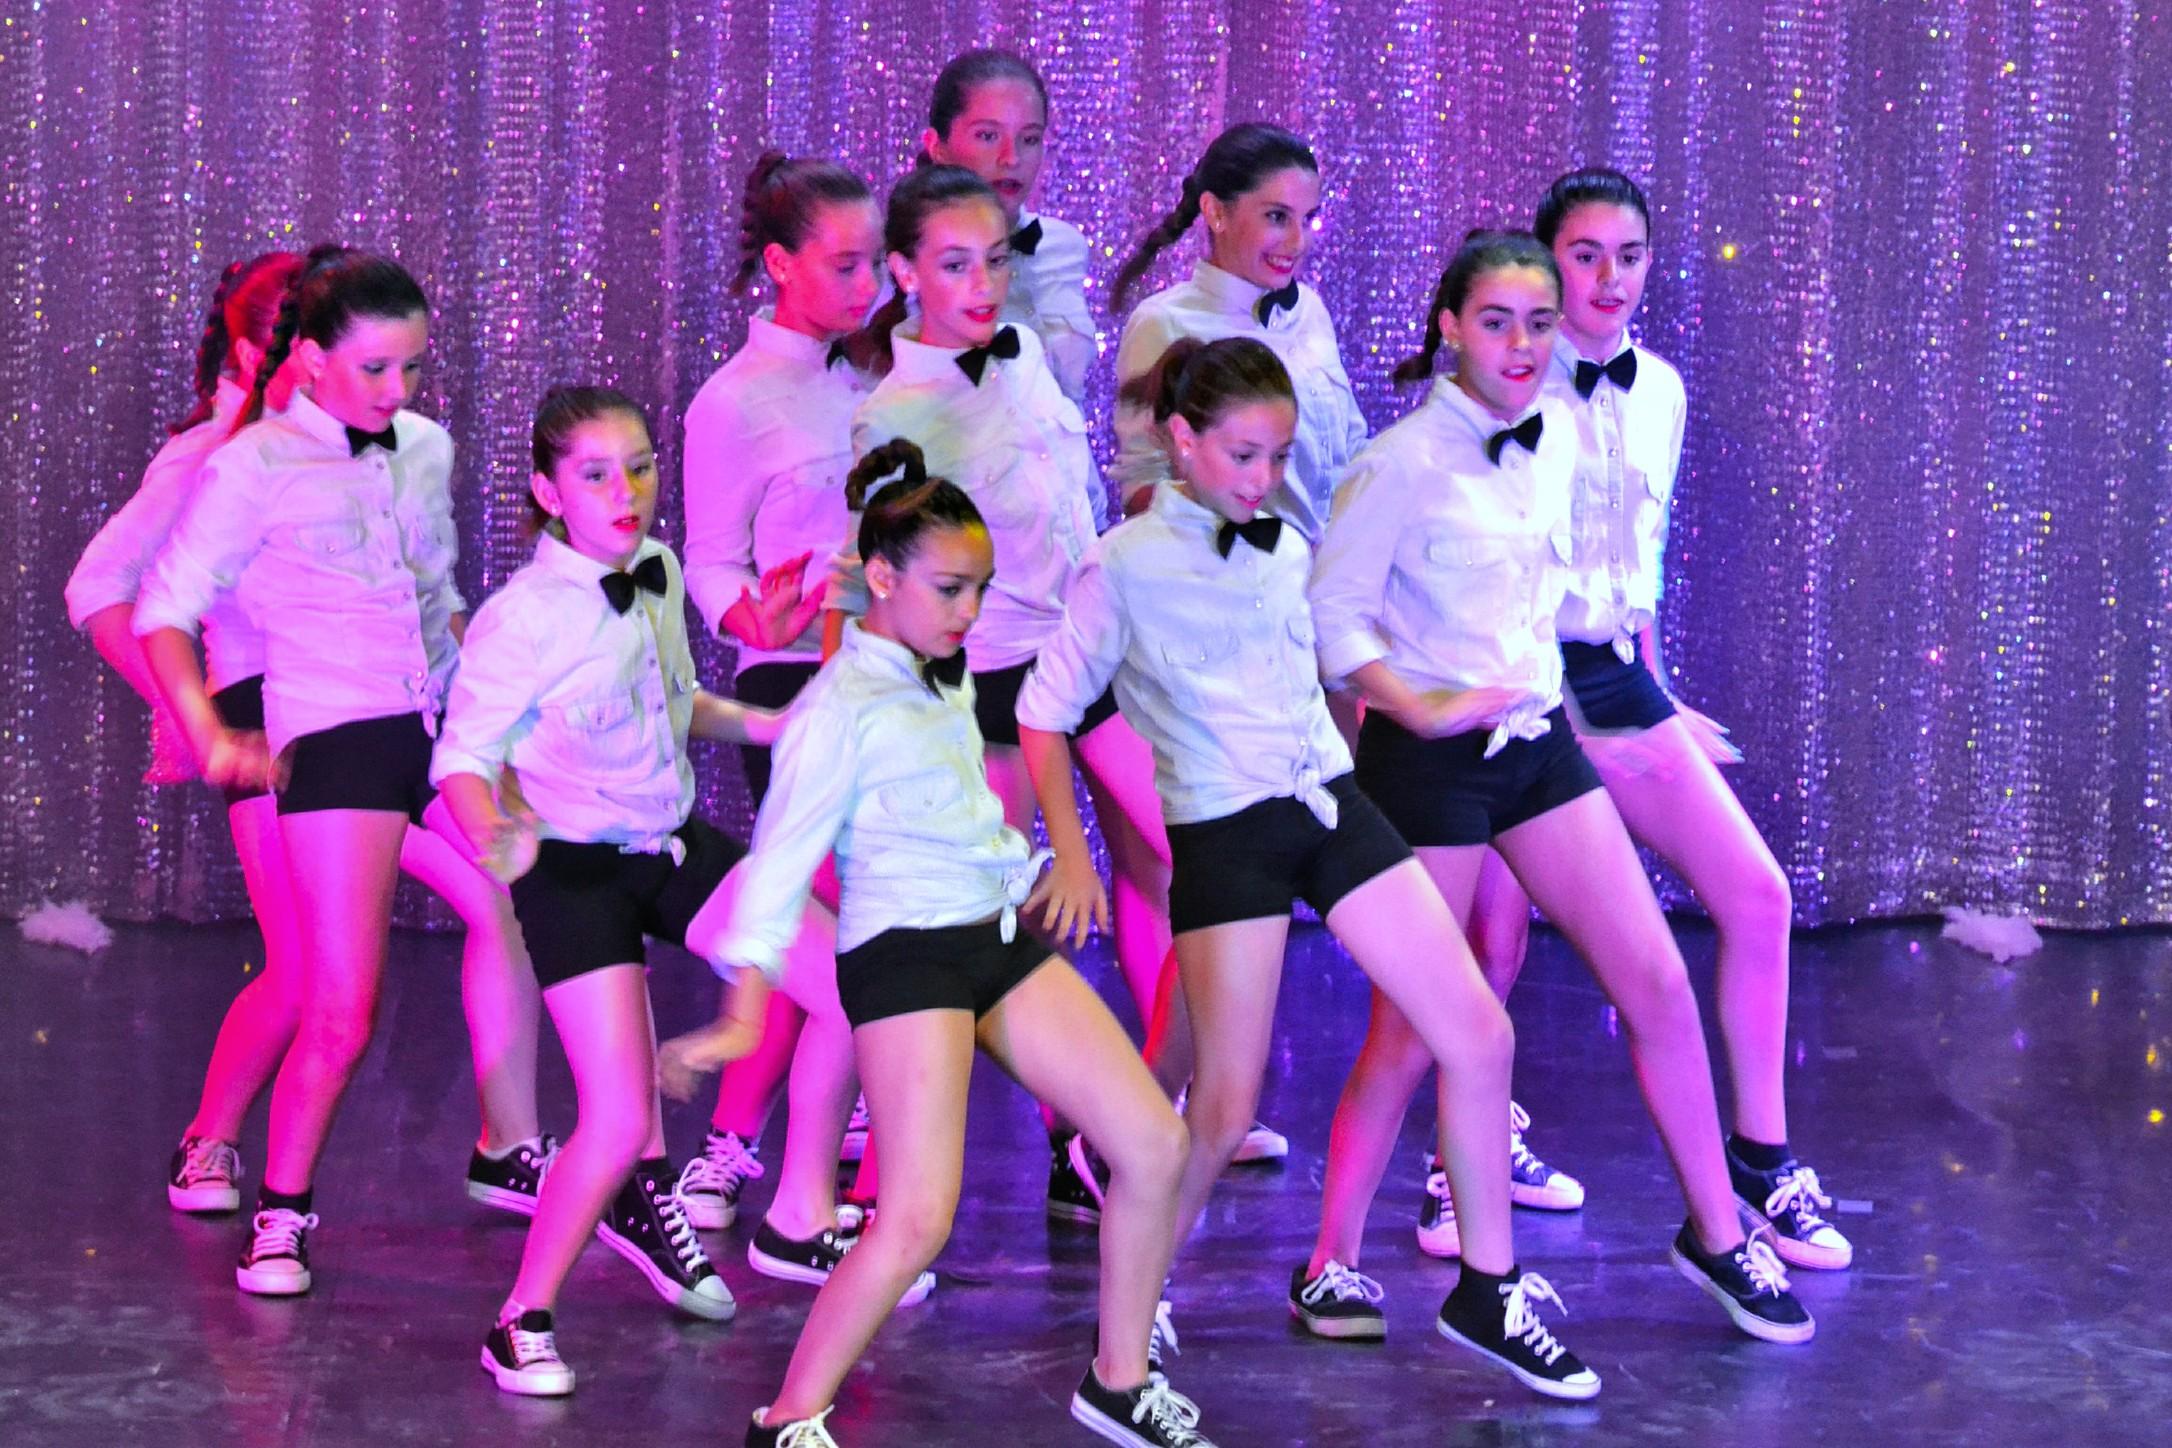 Linea-de-Baile-festival-verano-2015-clases-de-baile-valencia-70